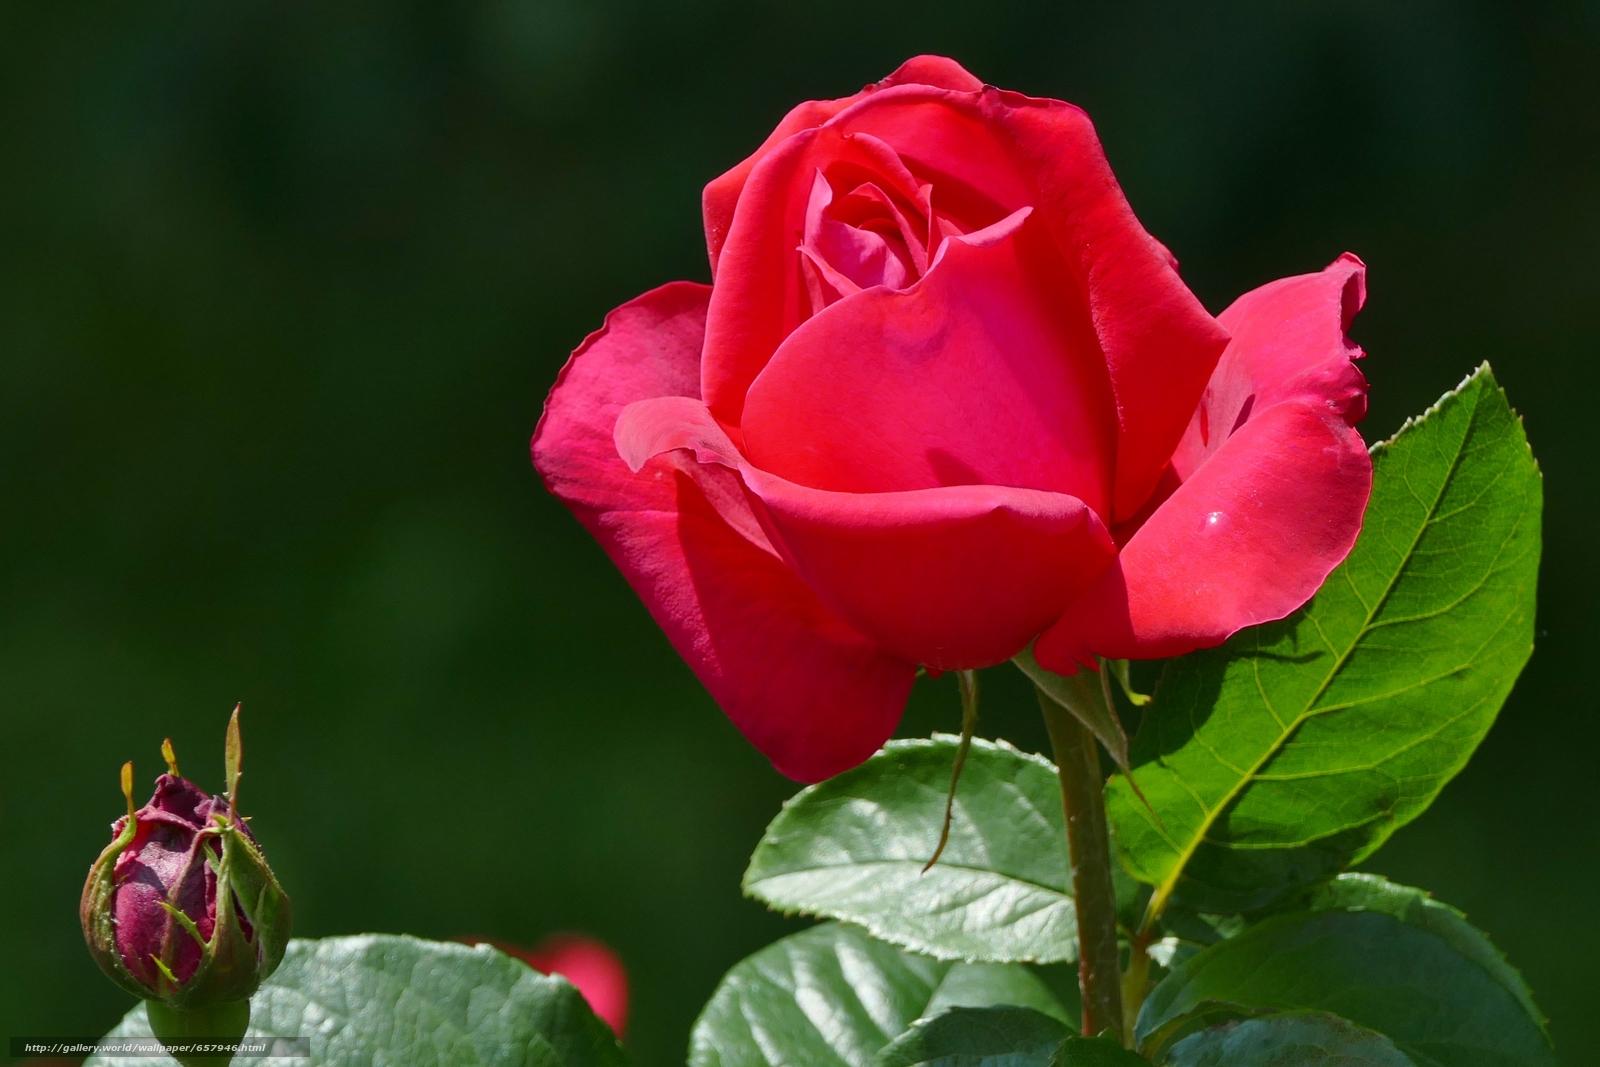 Скачать обои роза,  розы,  цветок,  цветы бесплатно для рабочего стола в разрешении 3648x2432 — картинка №657946